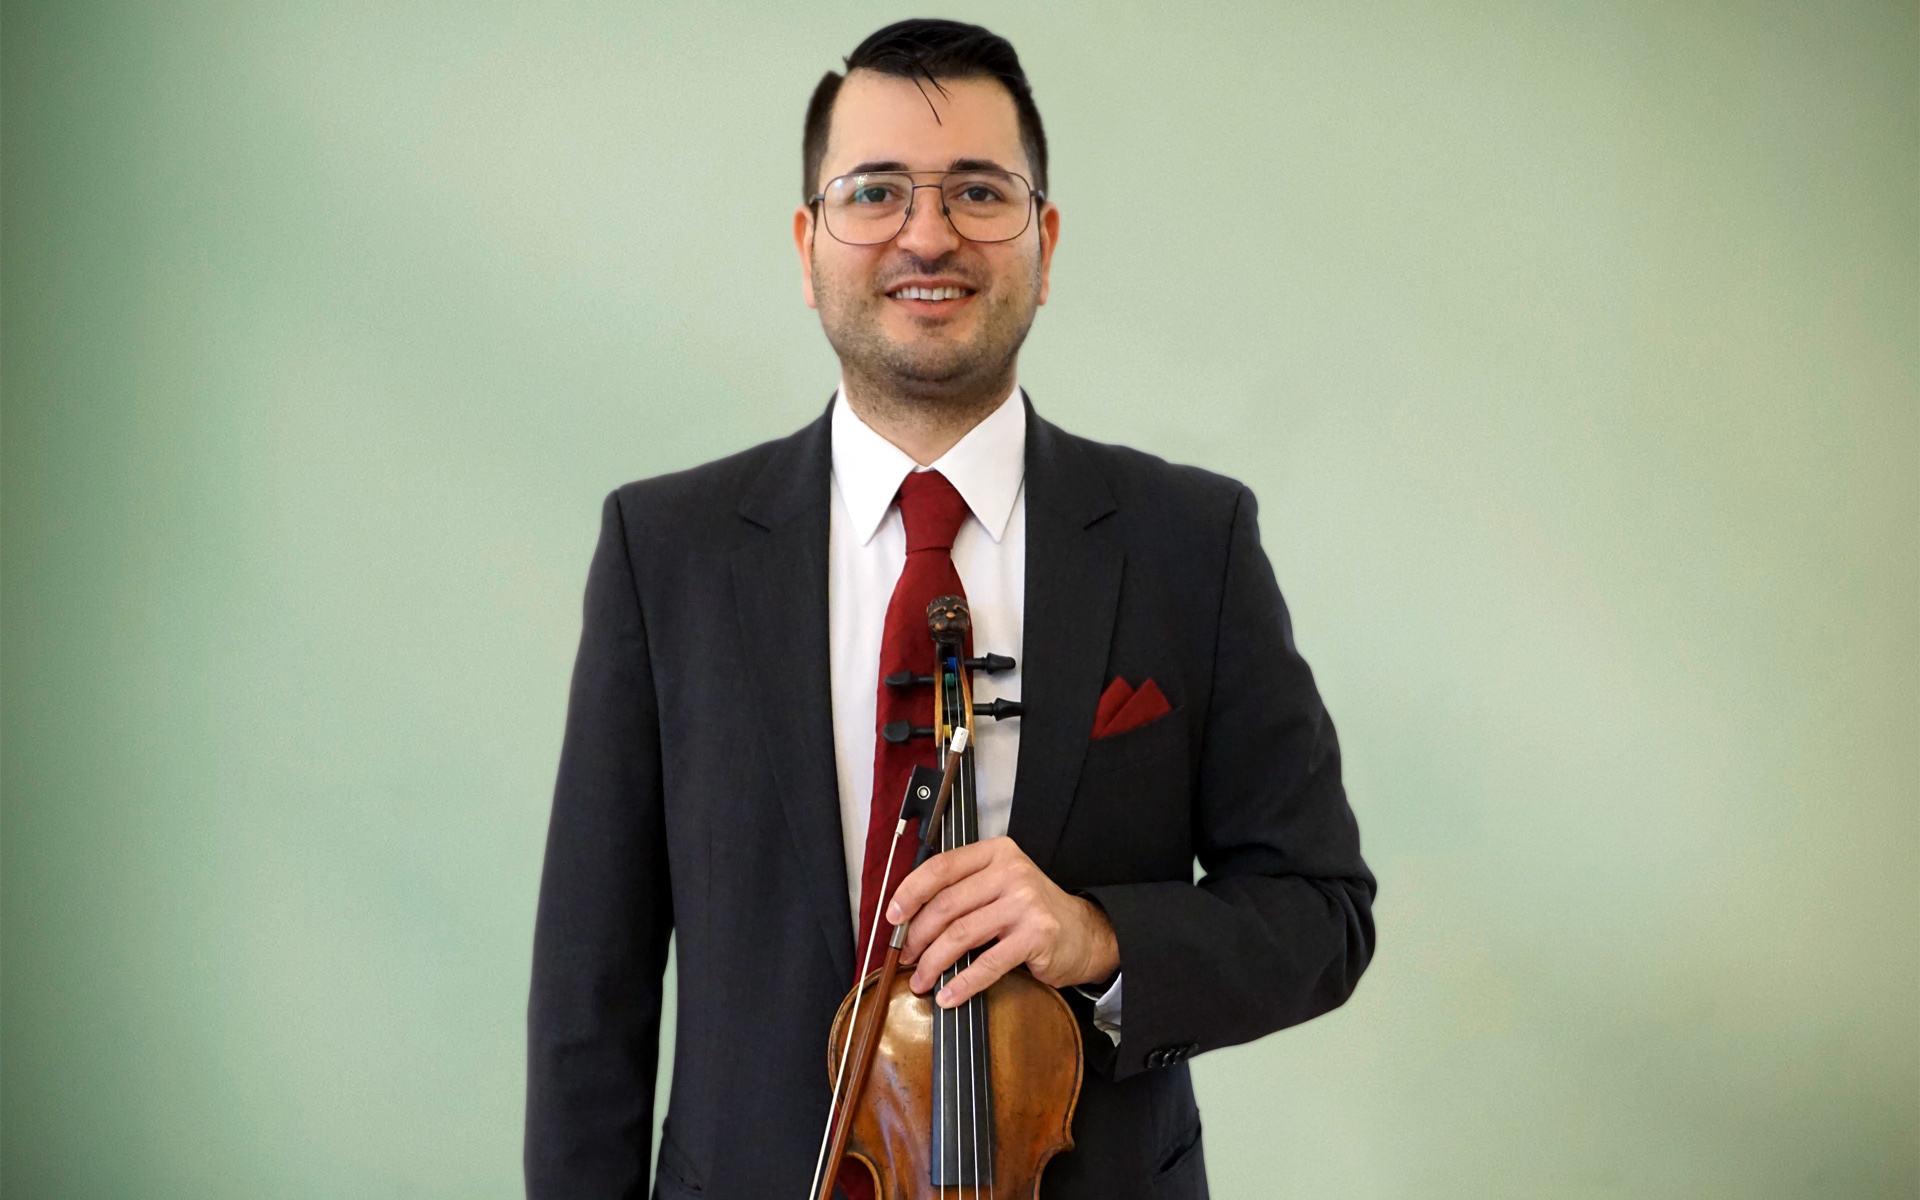 Leiter der Staatsbad Philharmonie Kissingen, Burkhard Toelke